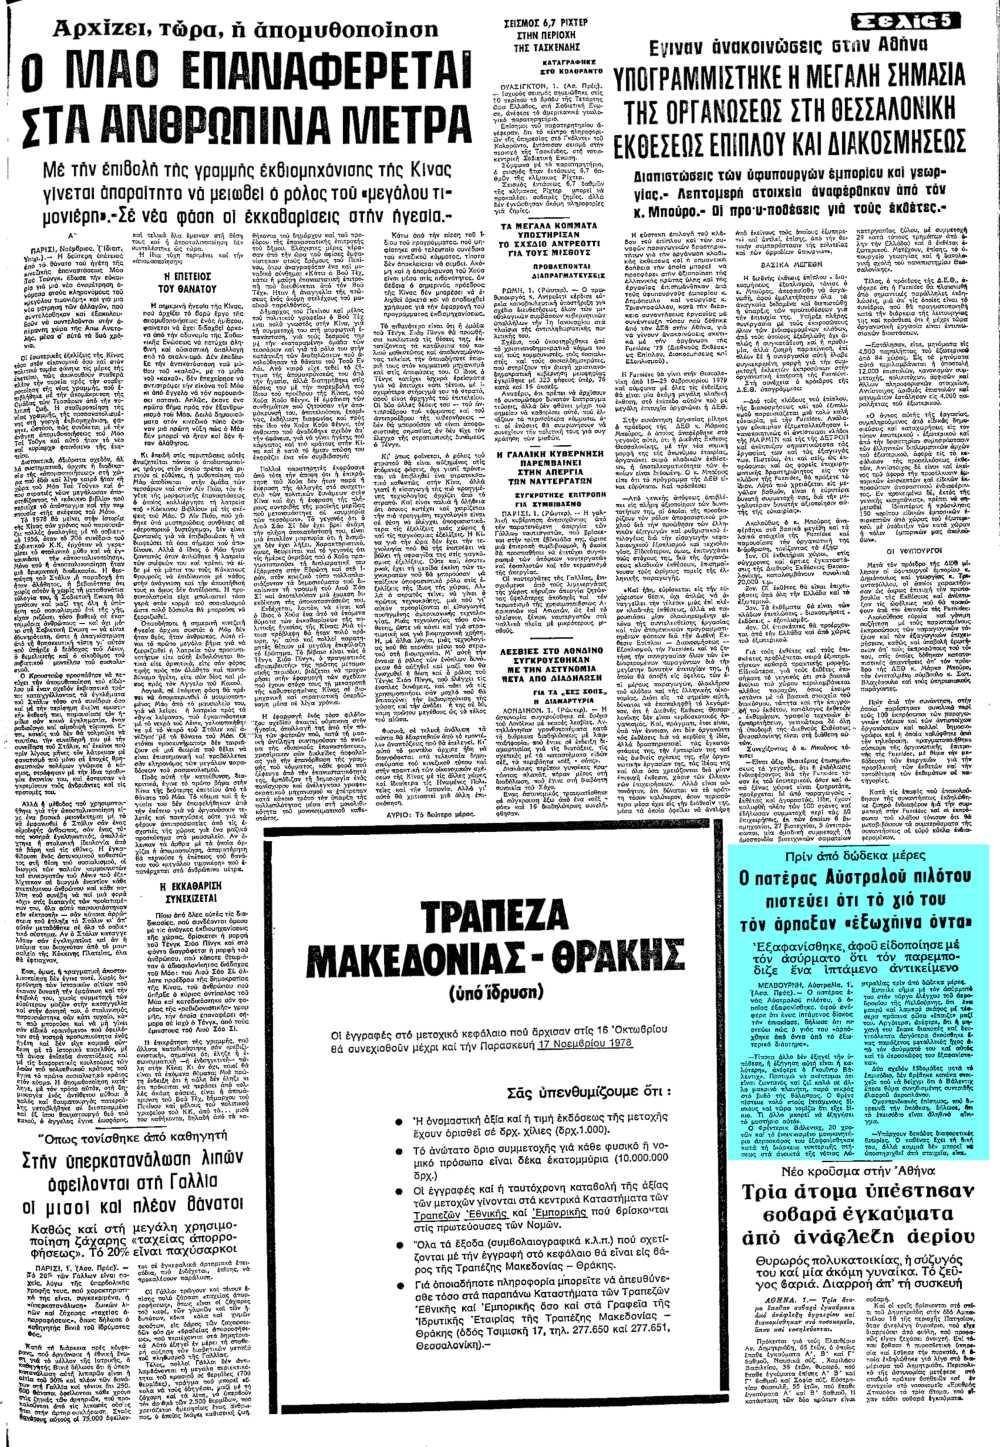 """Το άρθρο, όπως δημοσιεύθηκε στην εφημερίδα """"ΜΑΚΕΔΟΝΙΑ"""", στις 02/11/1978"""